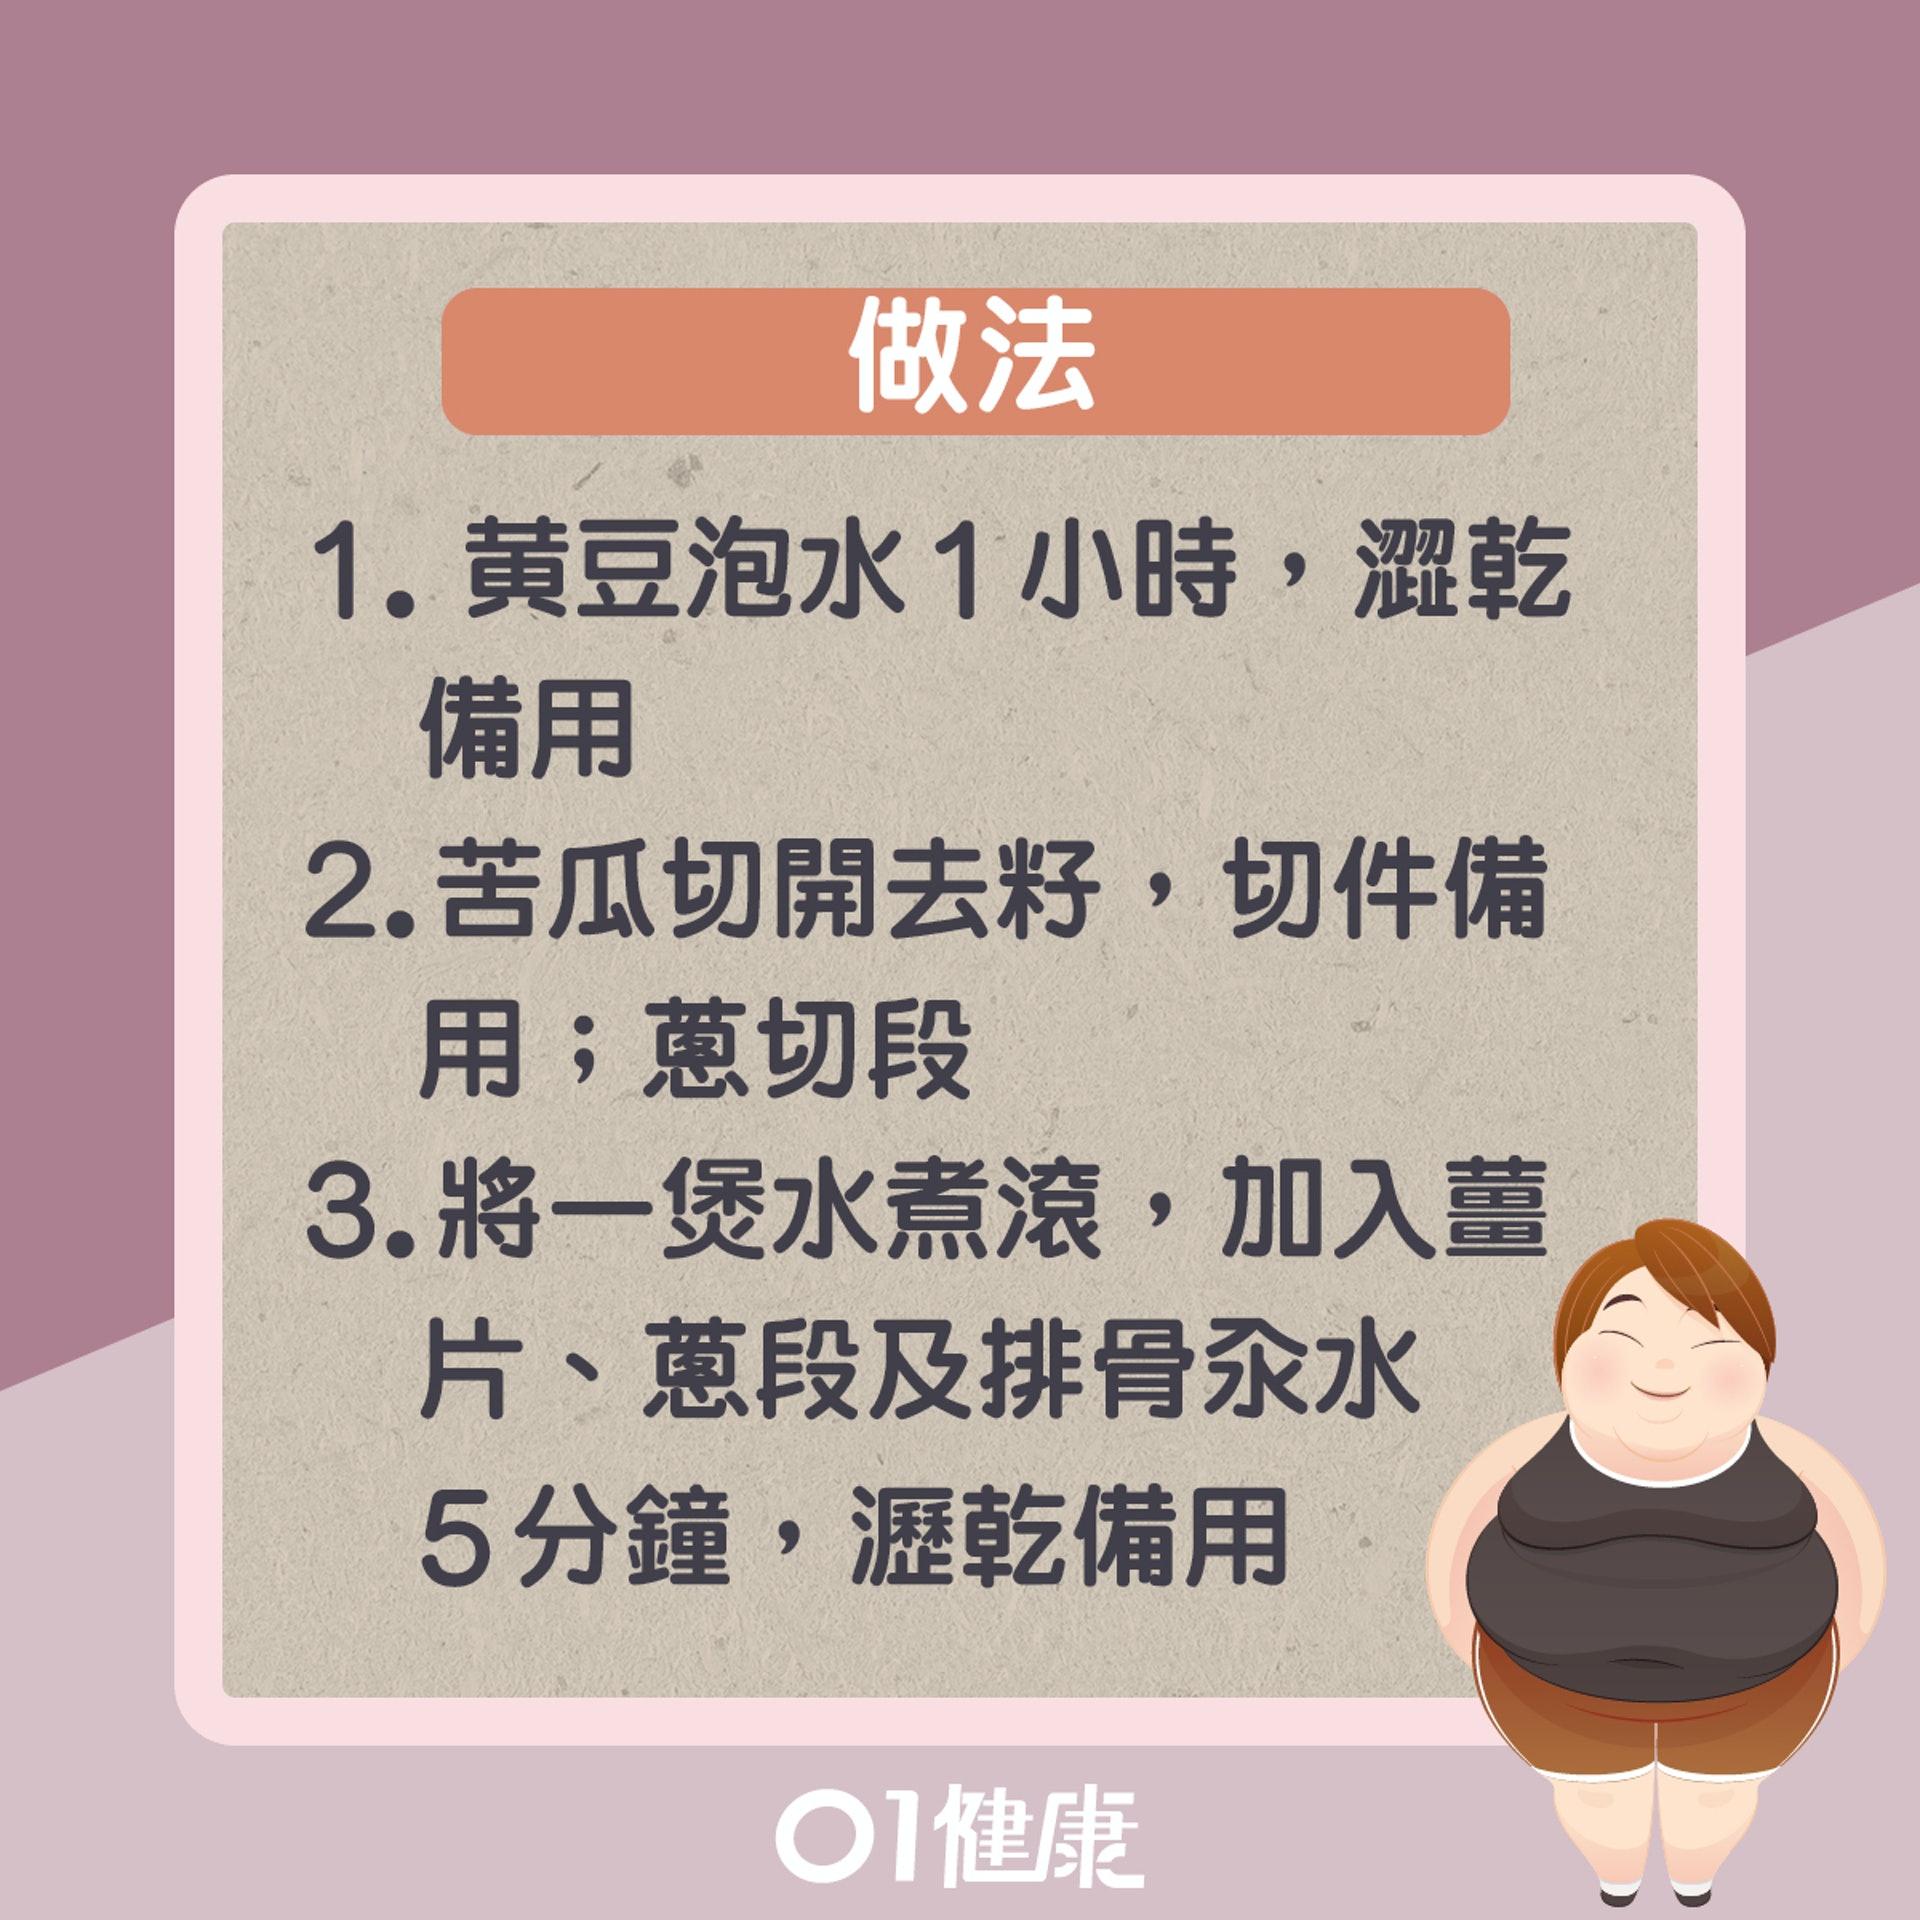 苦瓜黃豆排骨湯(01製圖)